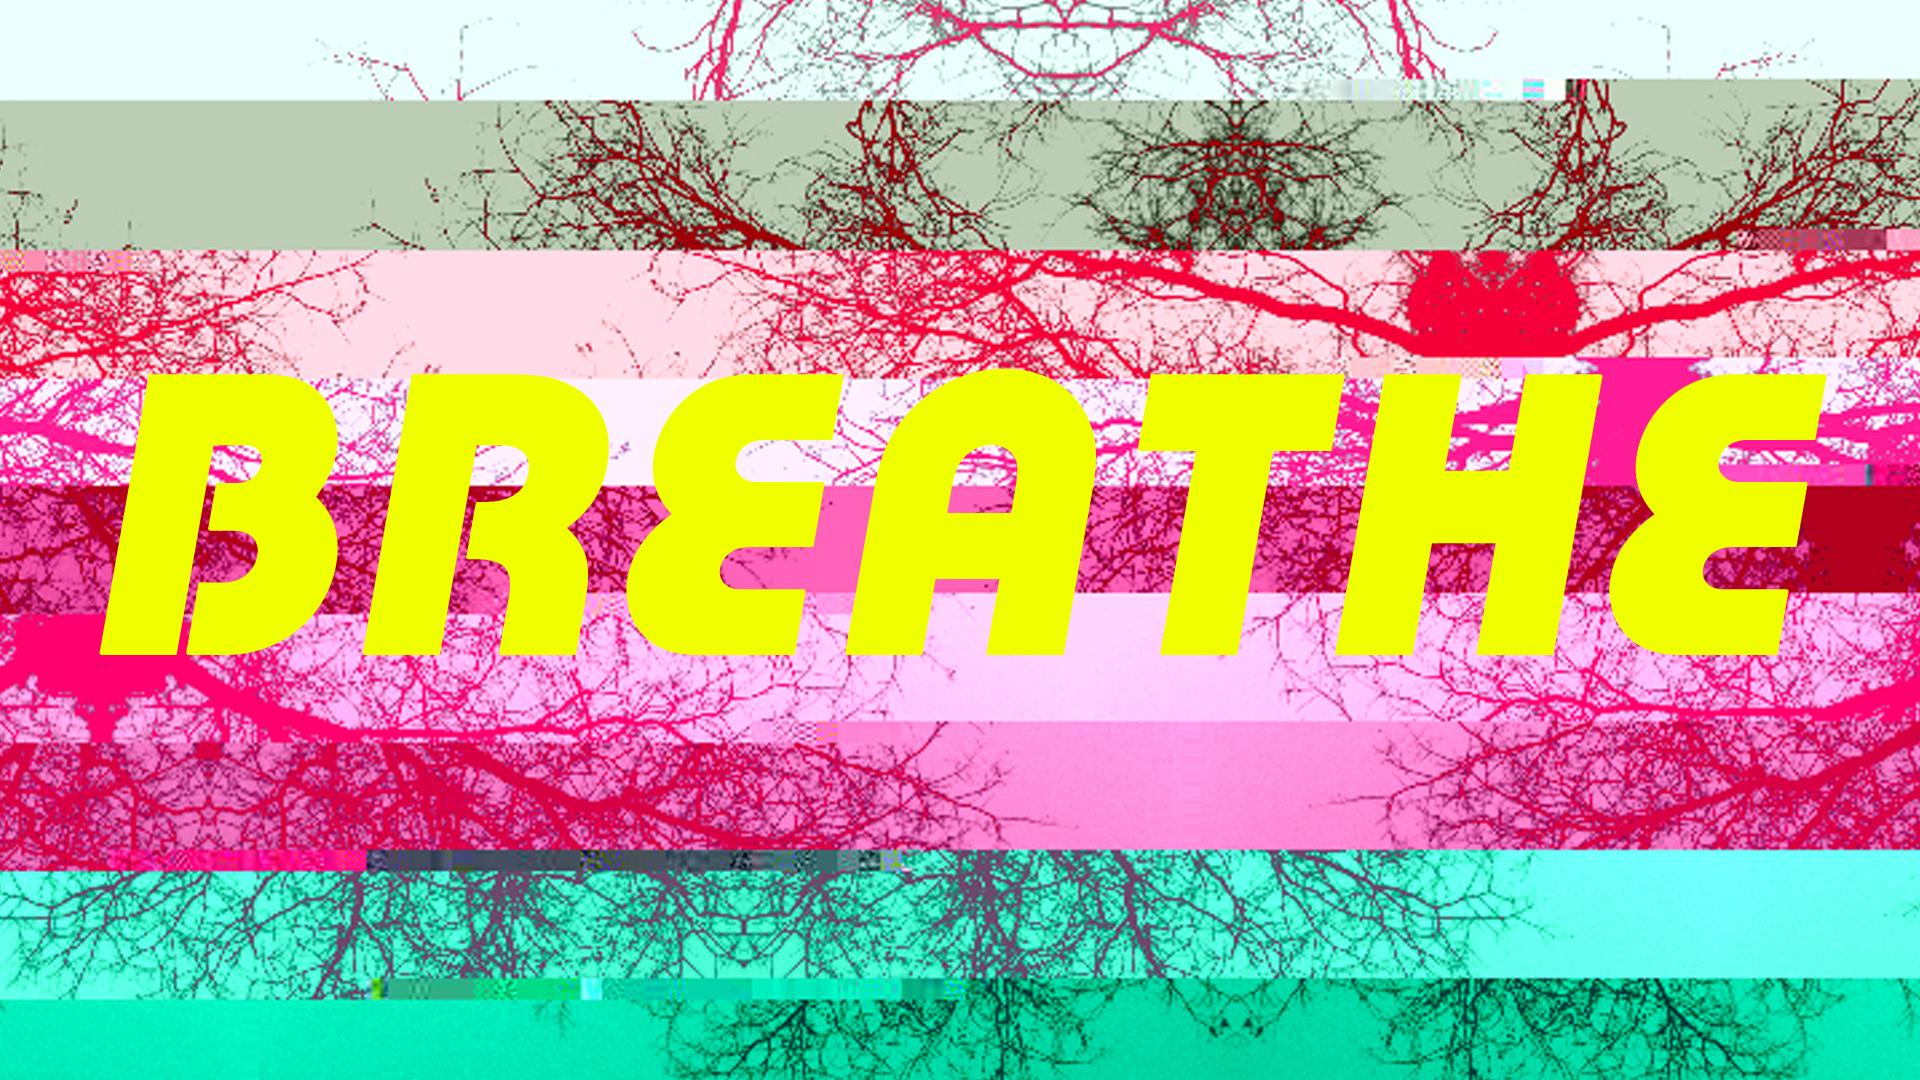 BREATHE_005